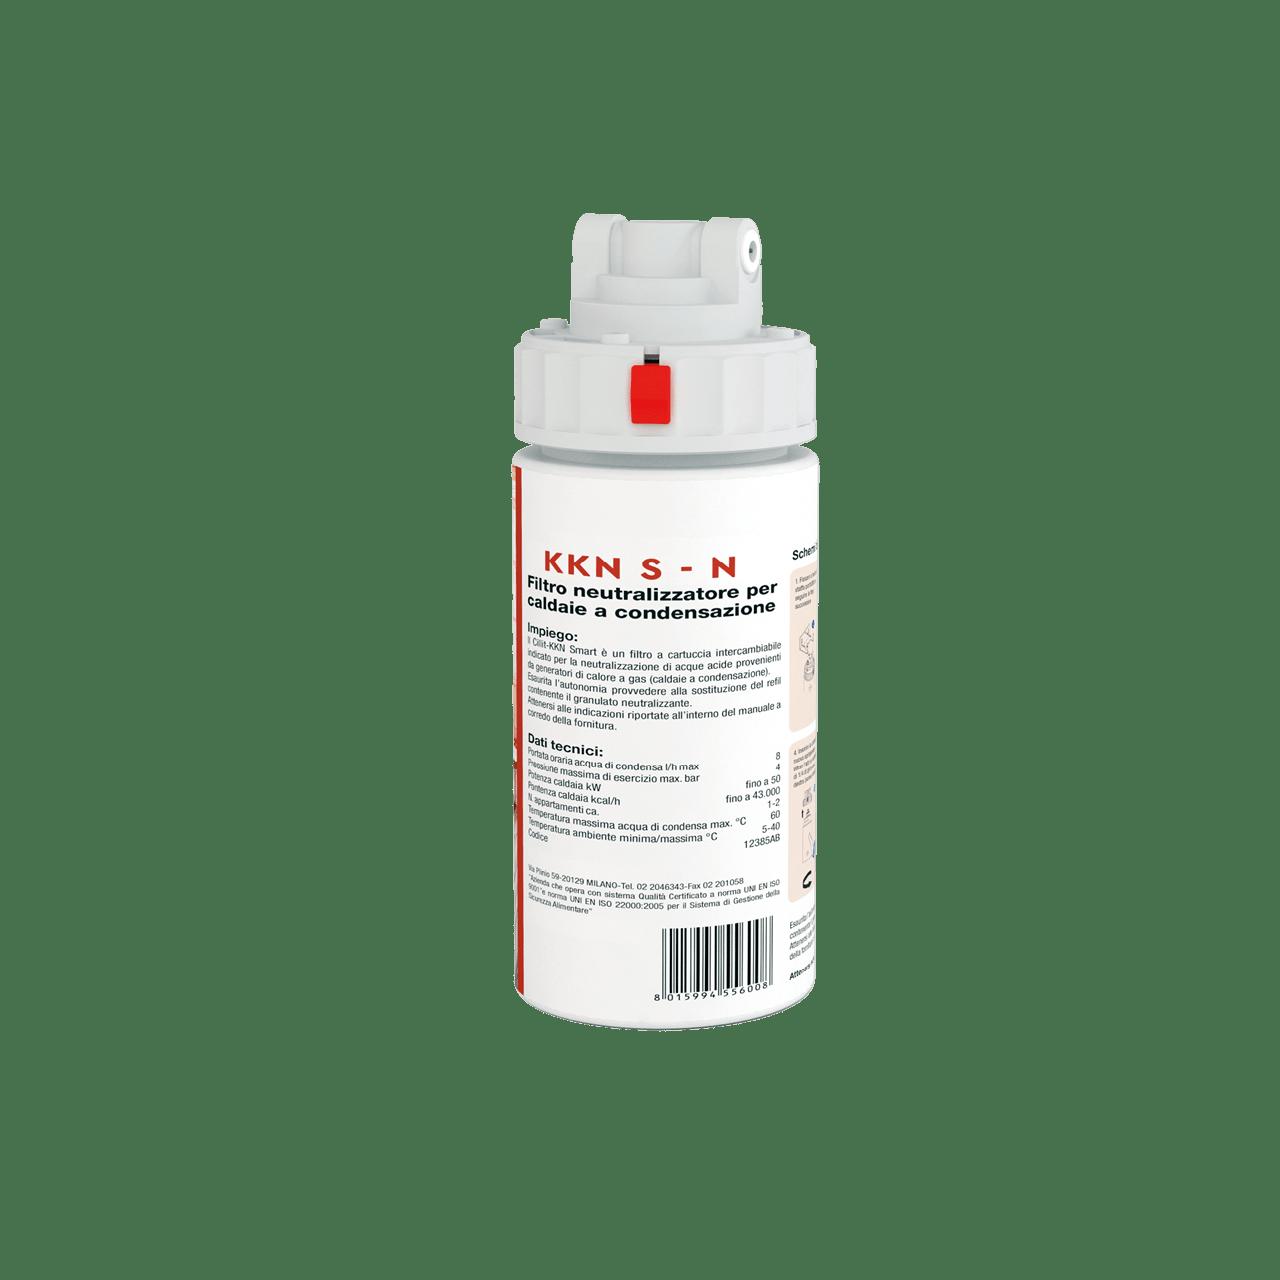 FIltro per caldaia condensazione per neutralizzare acidit/à condensa